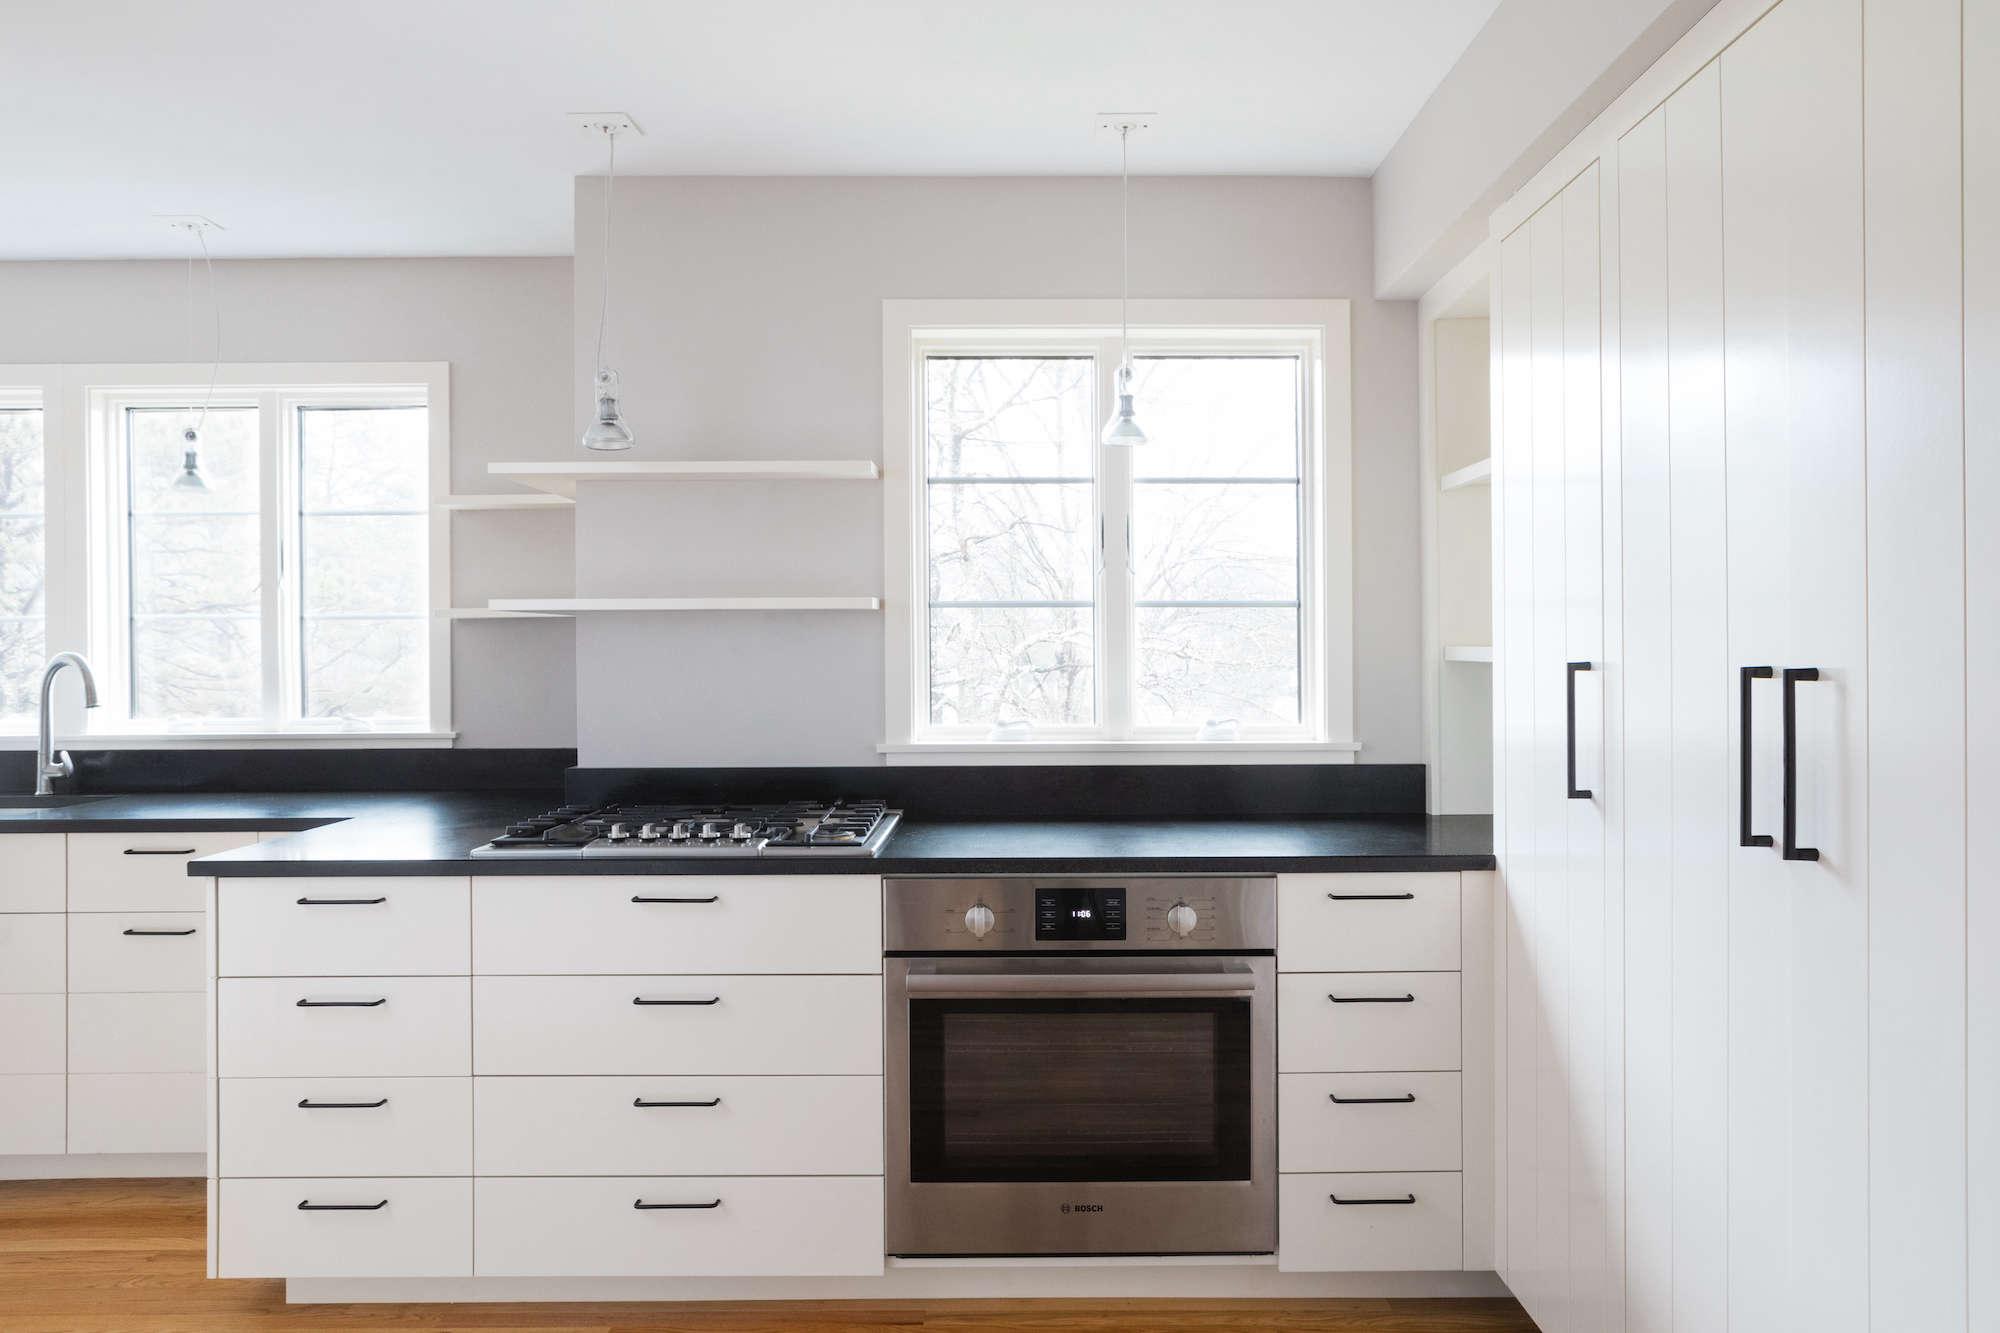 blank-bosch-kitchen-remodelista-4